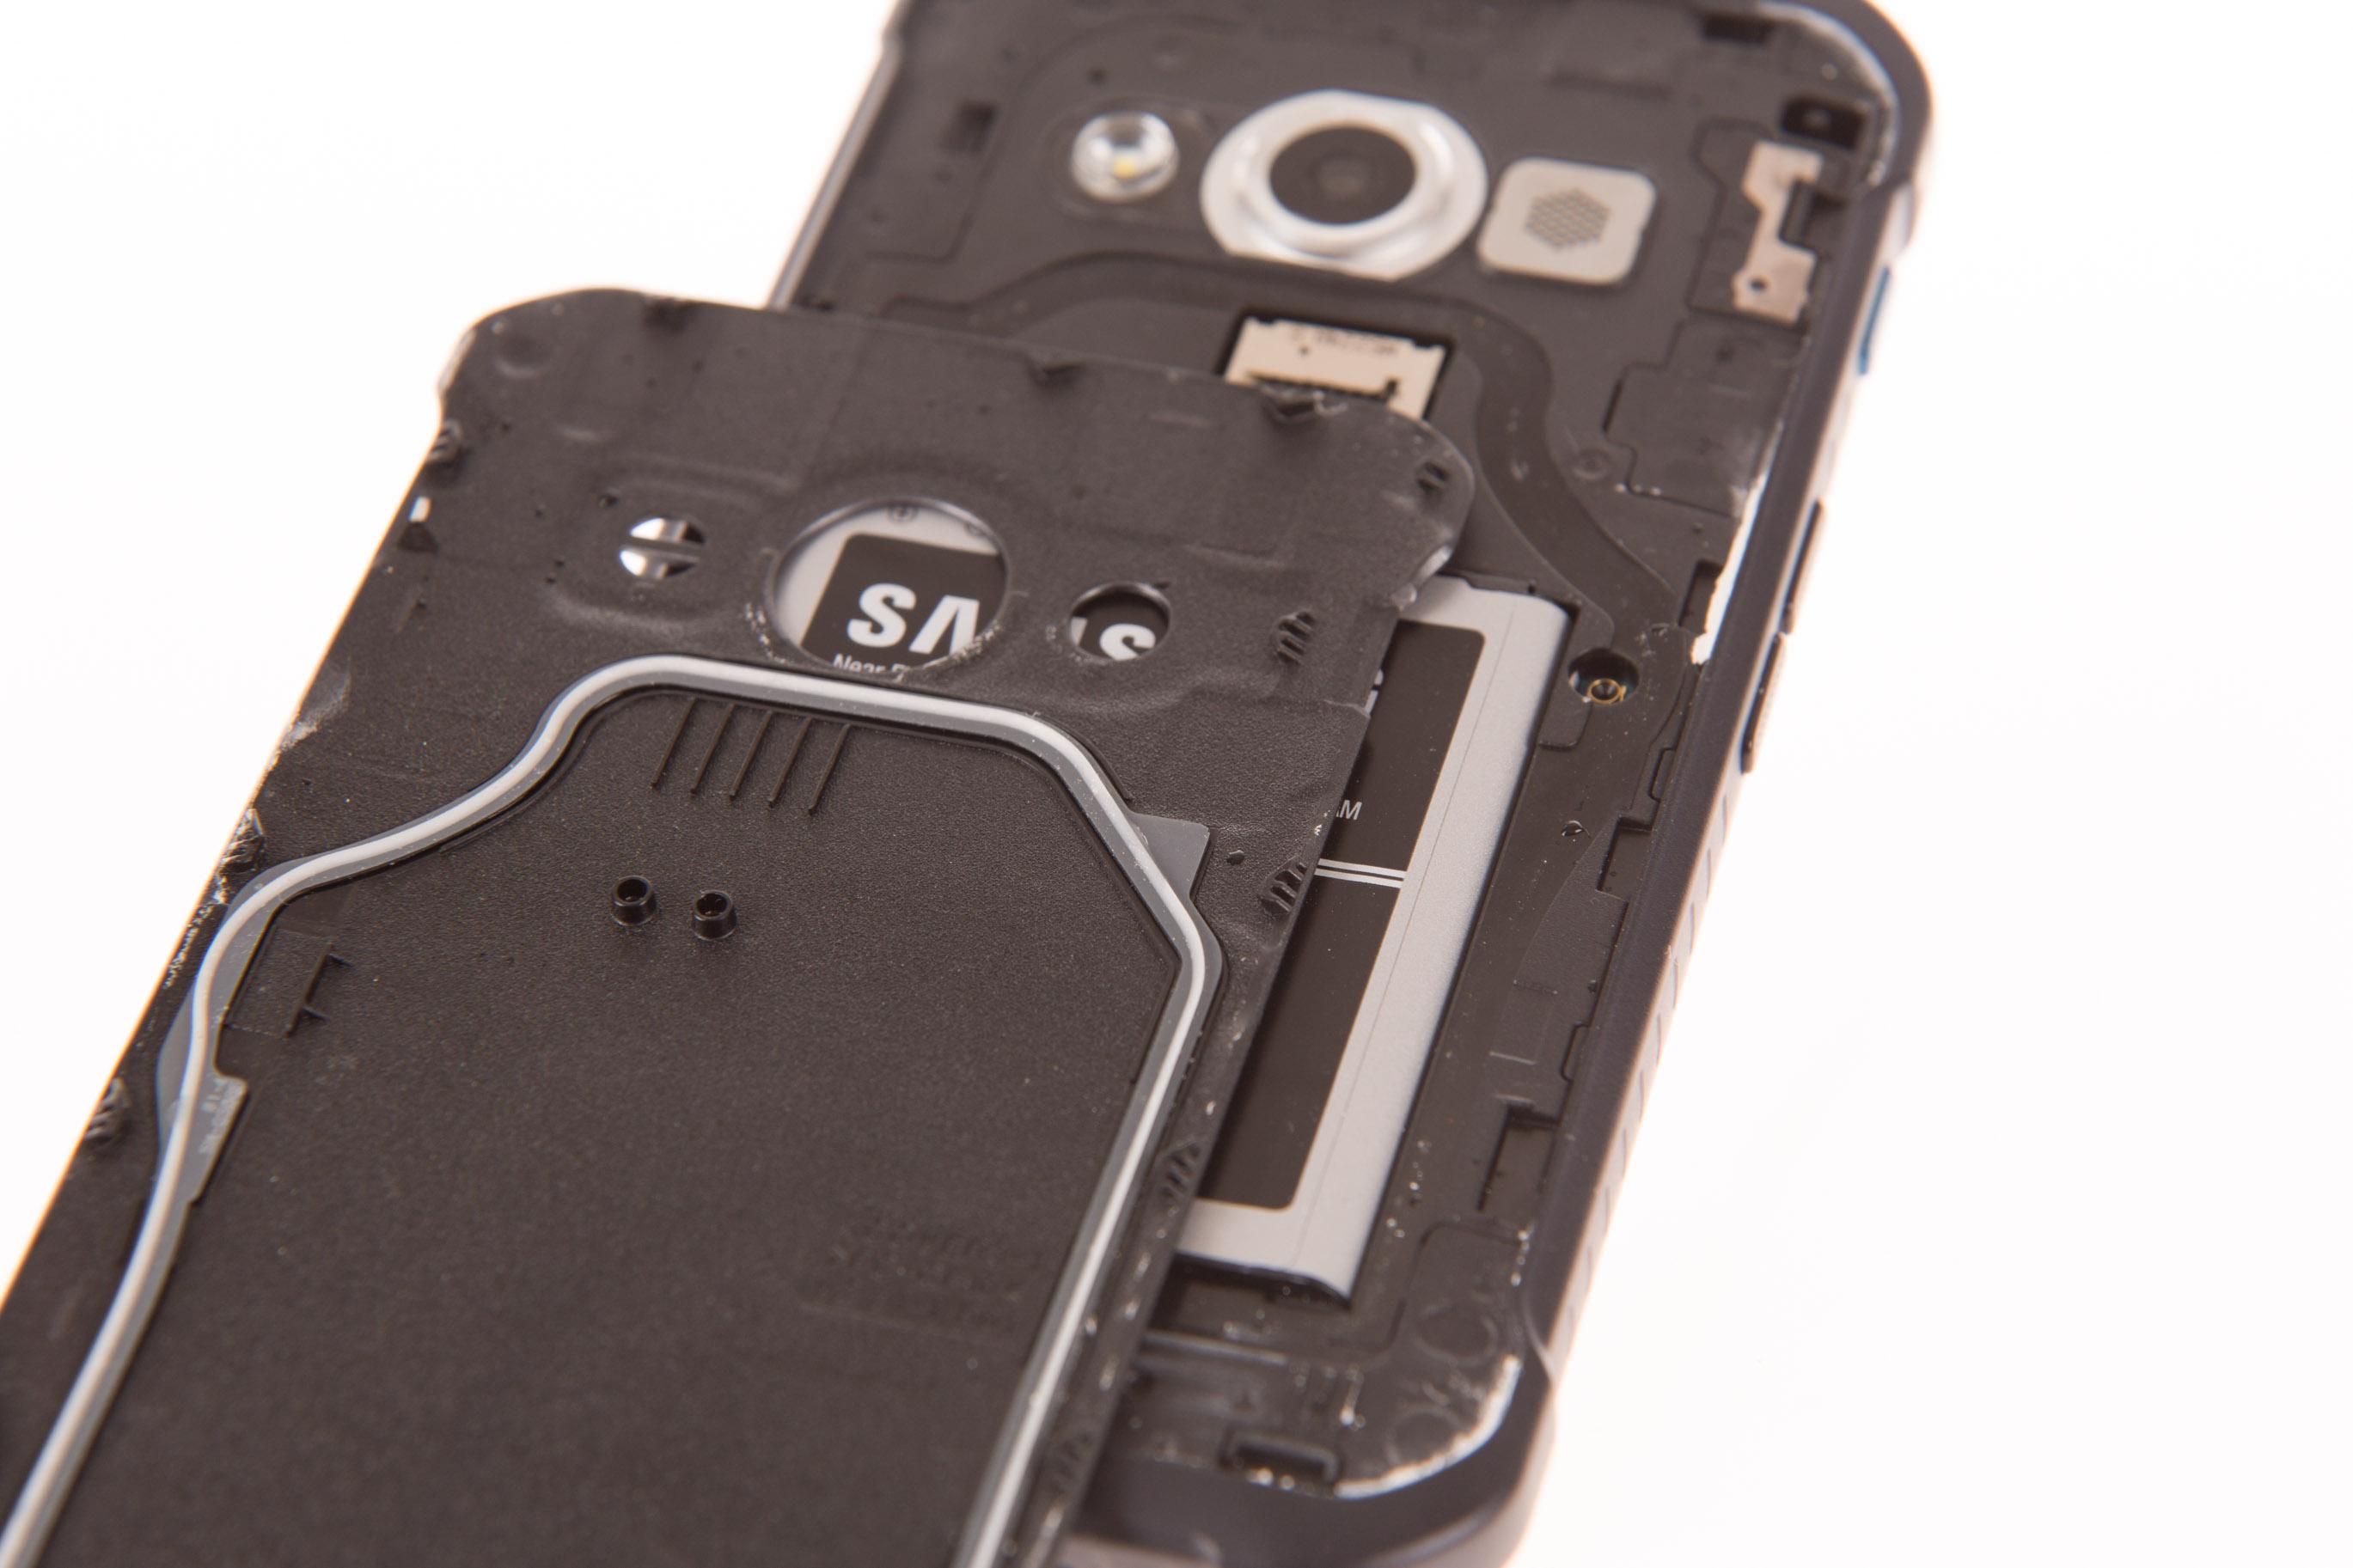 Samsung Xcover 3 im Test: Robust, handlich, günstig -